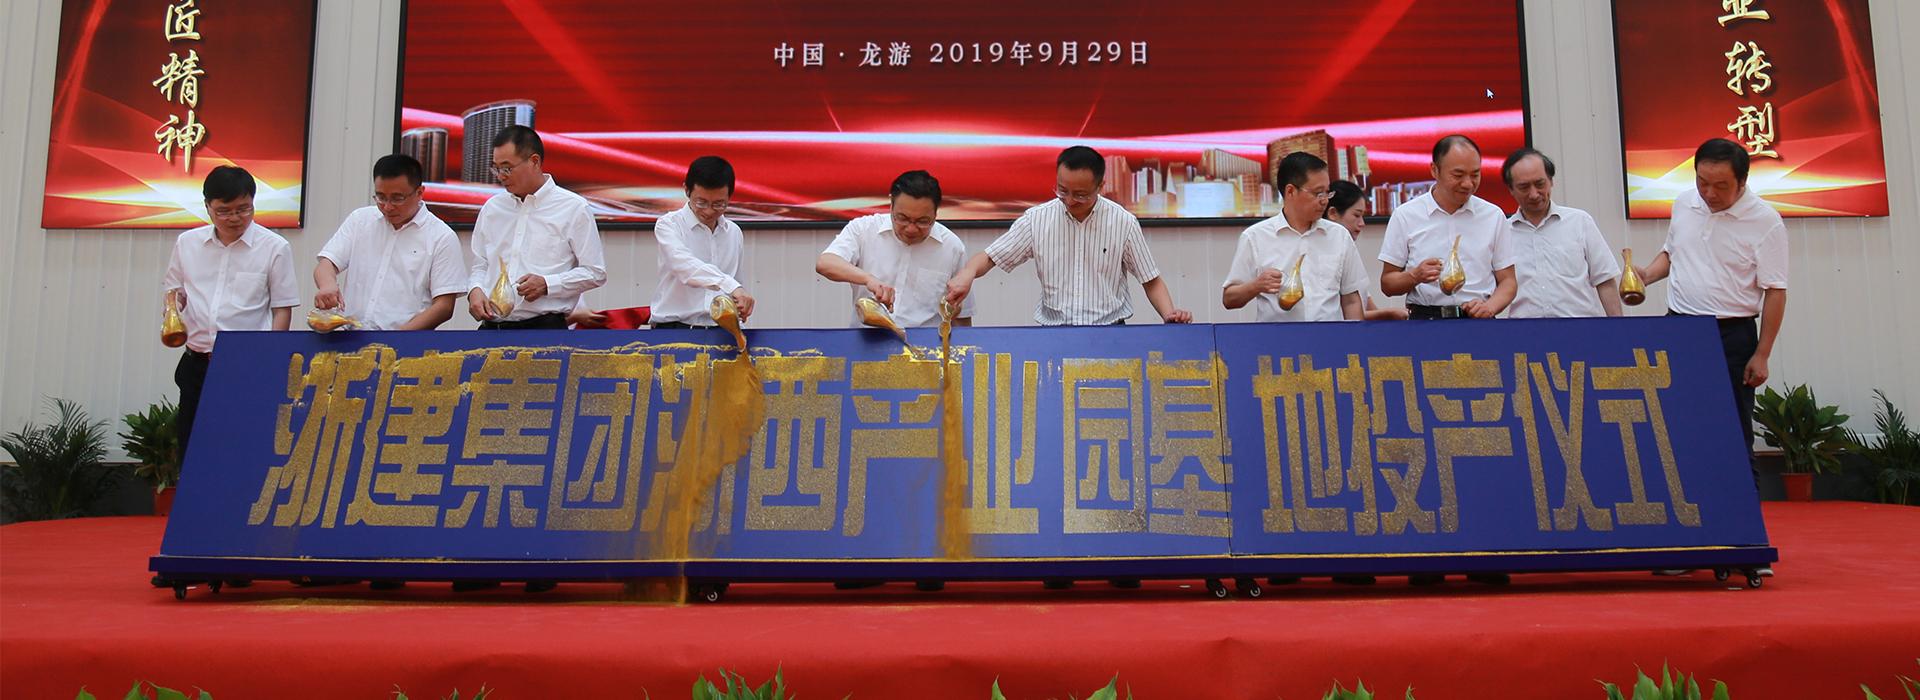 浙建贝博正网|贝博赞助西甲|贝博网址浙西产业园基地正式投产